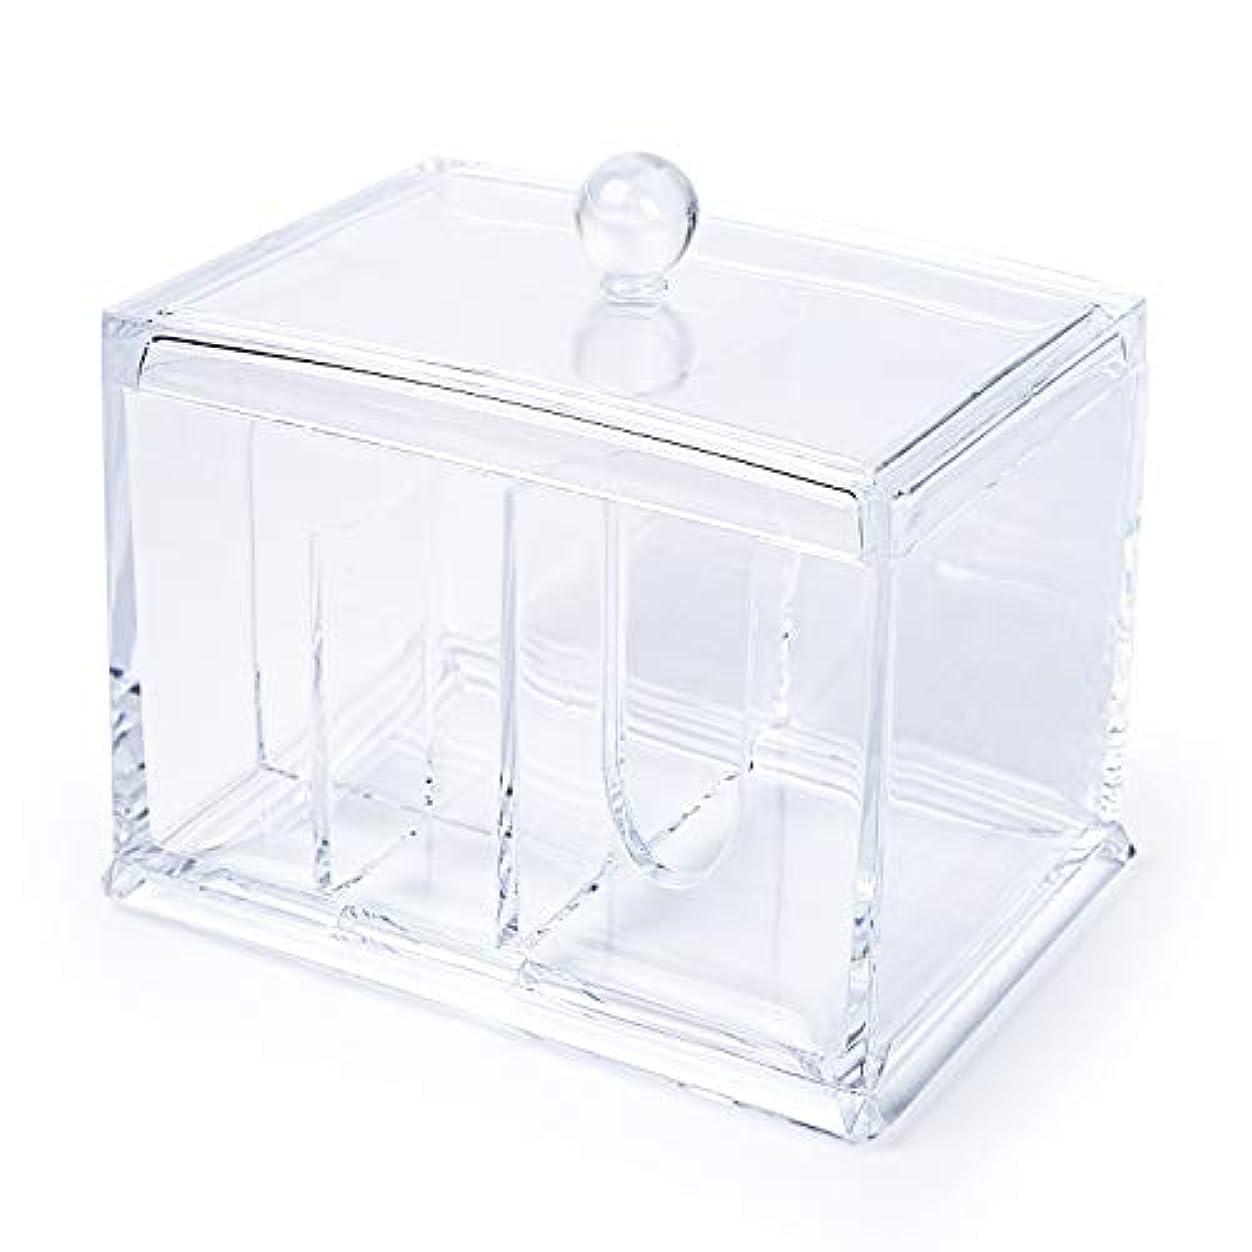 ホイールエレベーター礼儀ELOKI 収納ボックス アクリルケース 収納ボックス 綿棒 小物?コスメ小物用品収納 ジュエリーボックス アクセサリー 透明 防塵?蓋付き アクリル製